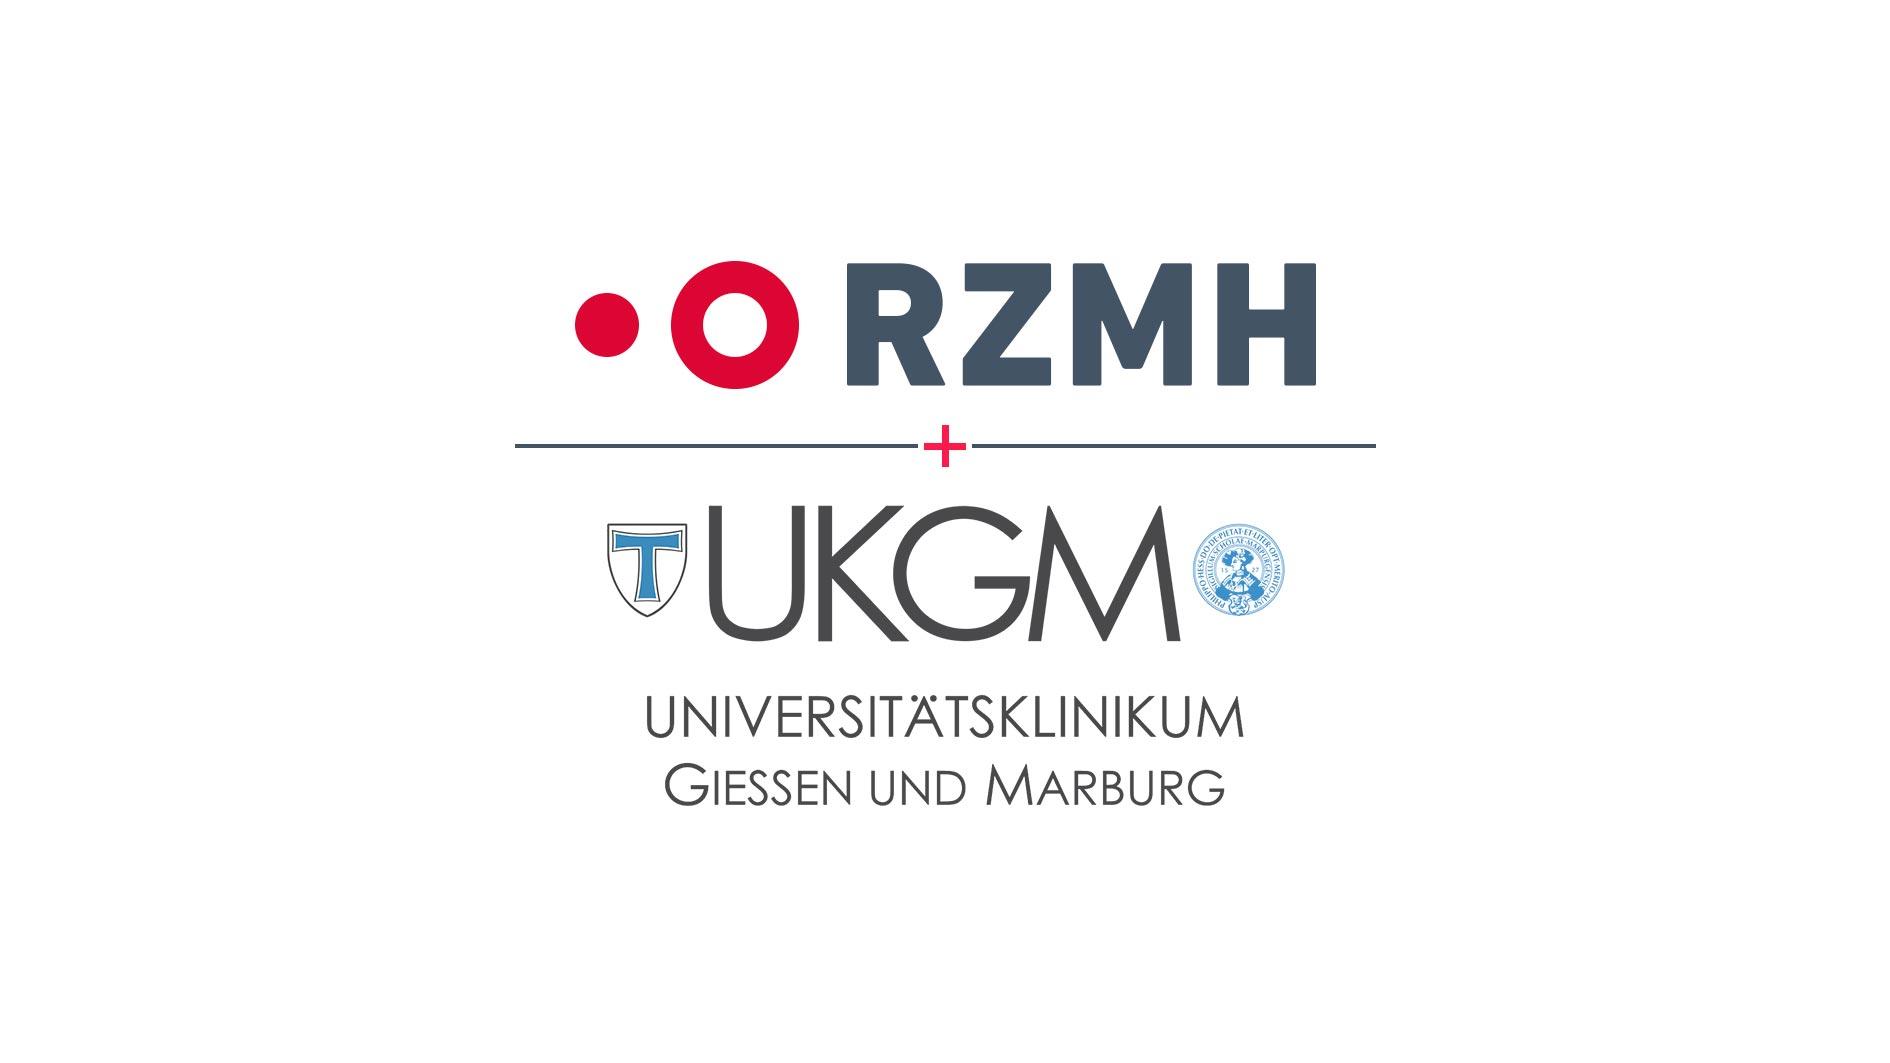 Kooperation Rheumazentrum Mittelhessen mit Universitätsklinikum Gießen